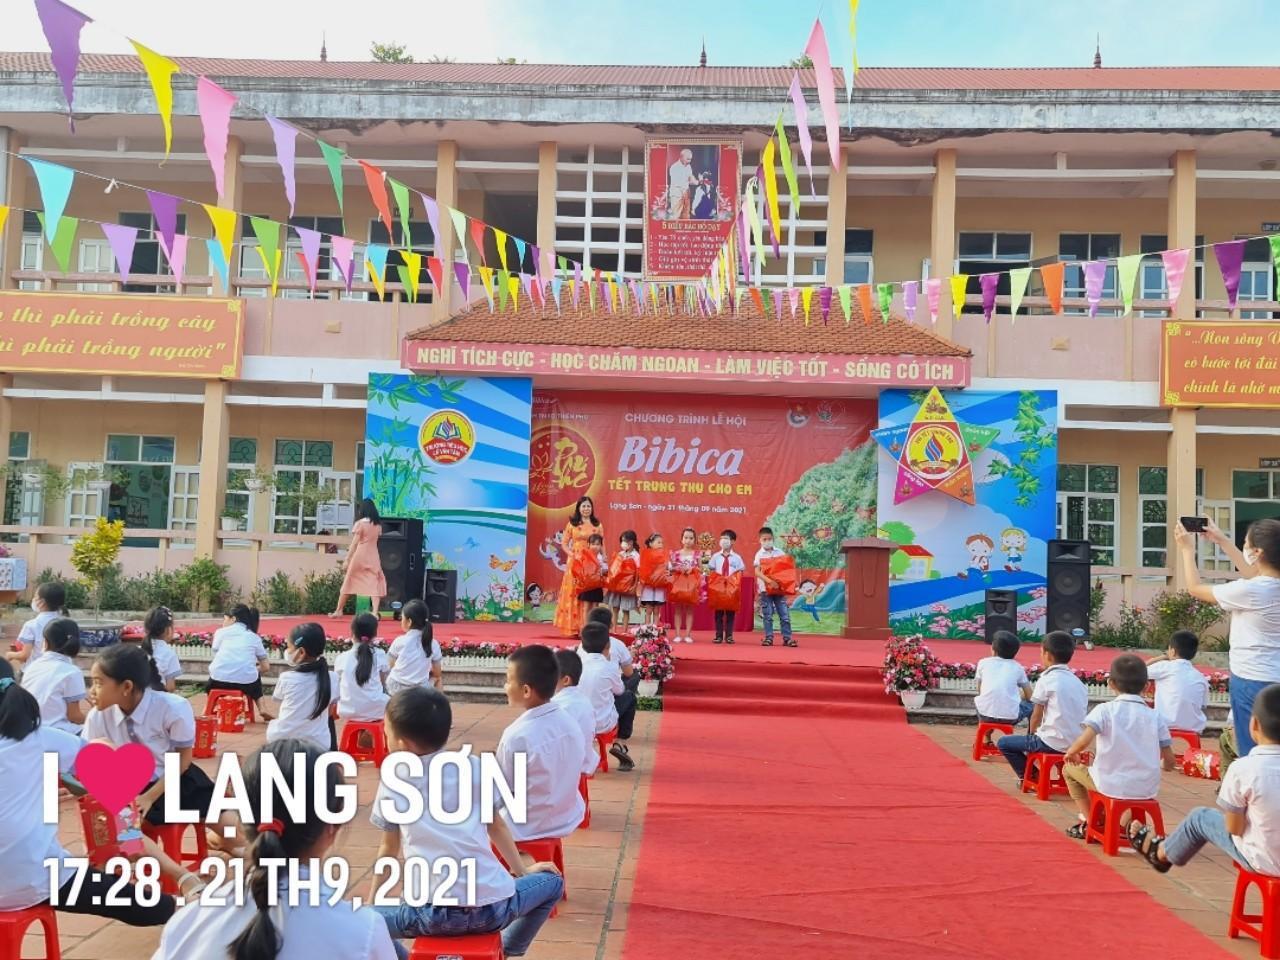 Tết Trung Thu Cho Em - Mùa 2 đã được Bibica triển khai tại 17 tỉnh thành trên toàn quốc - Ảnh 5.